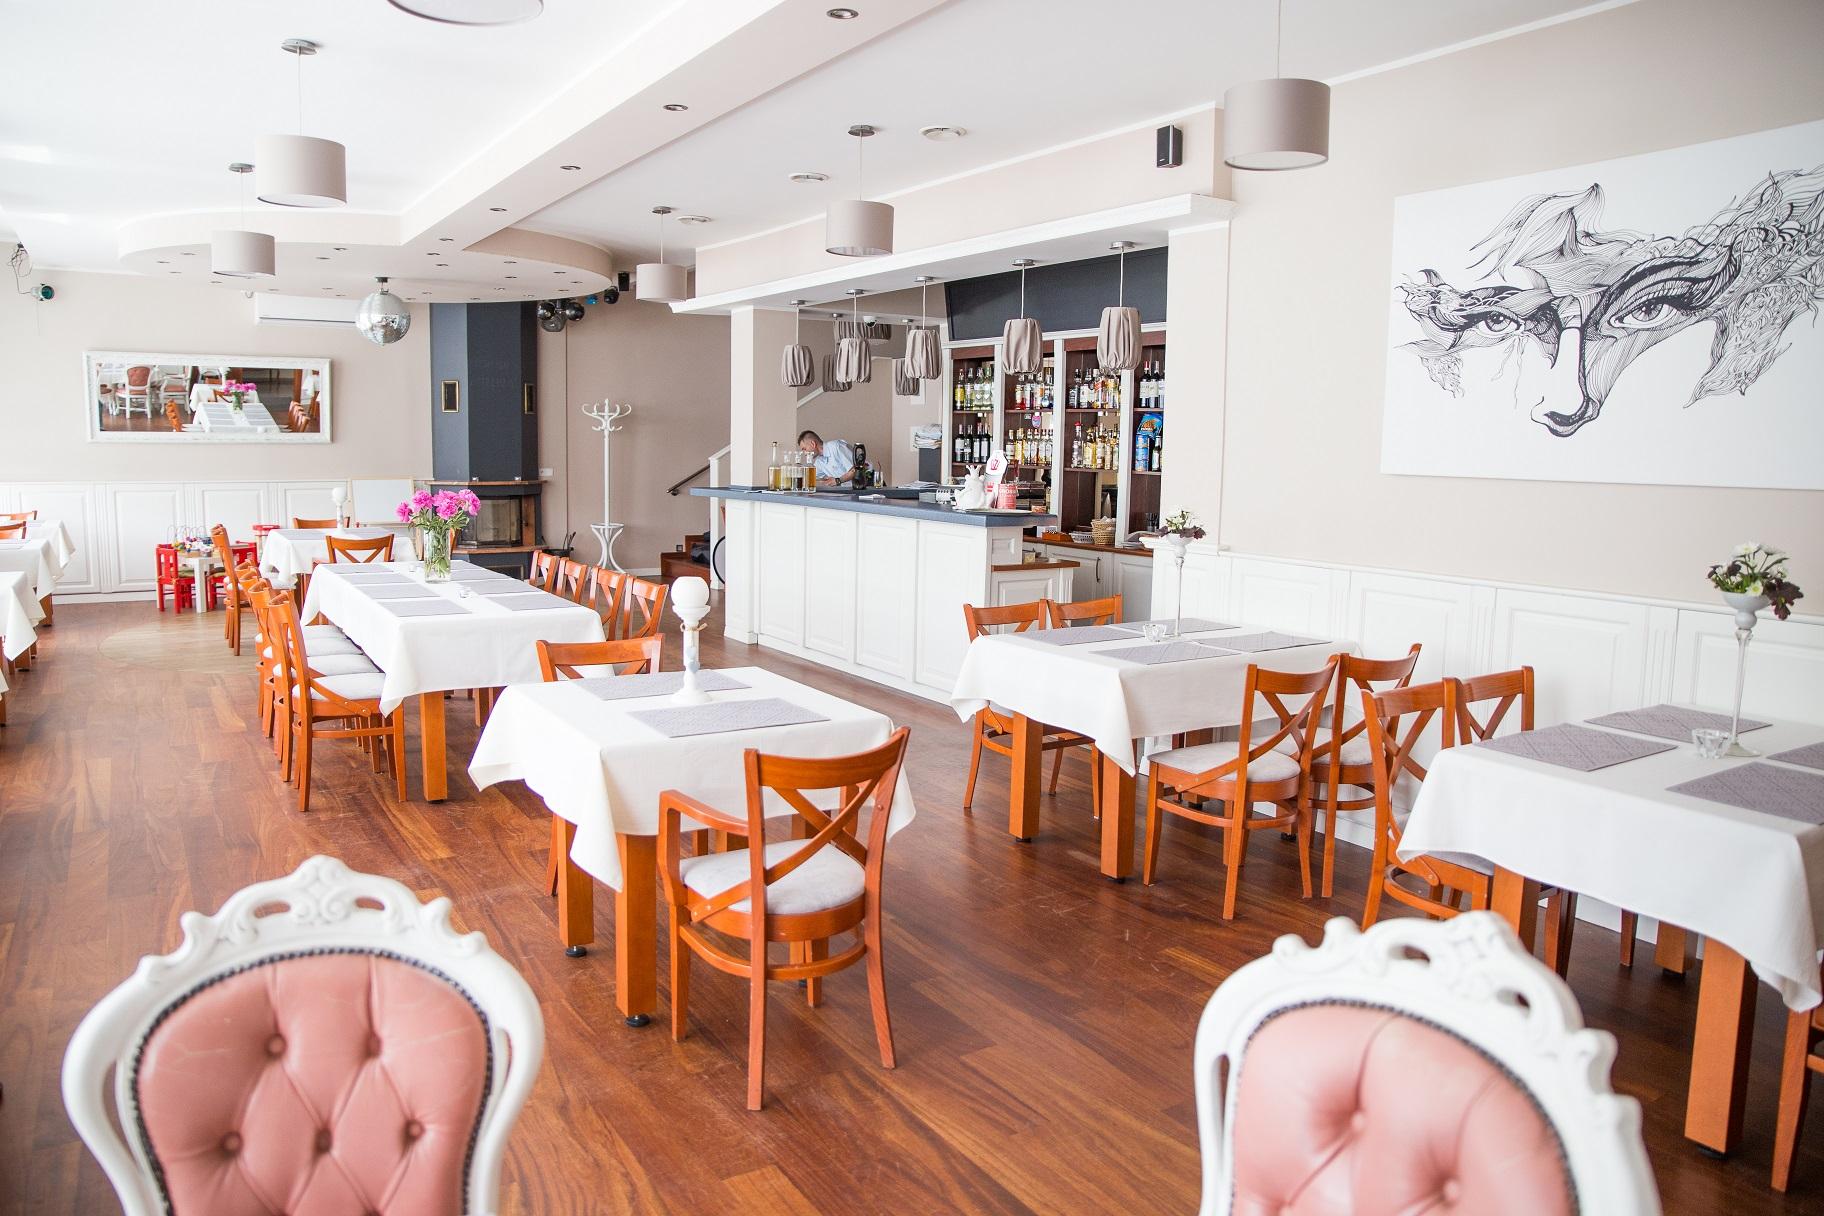 Home Restauracja żabusia W Gdańsku